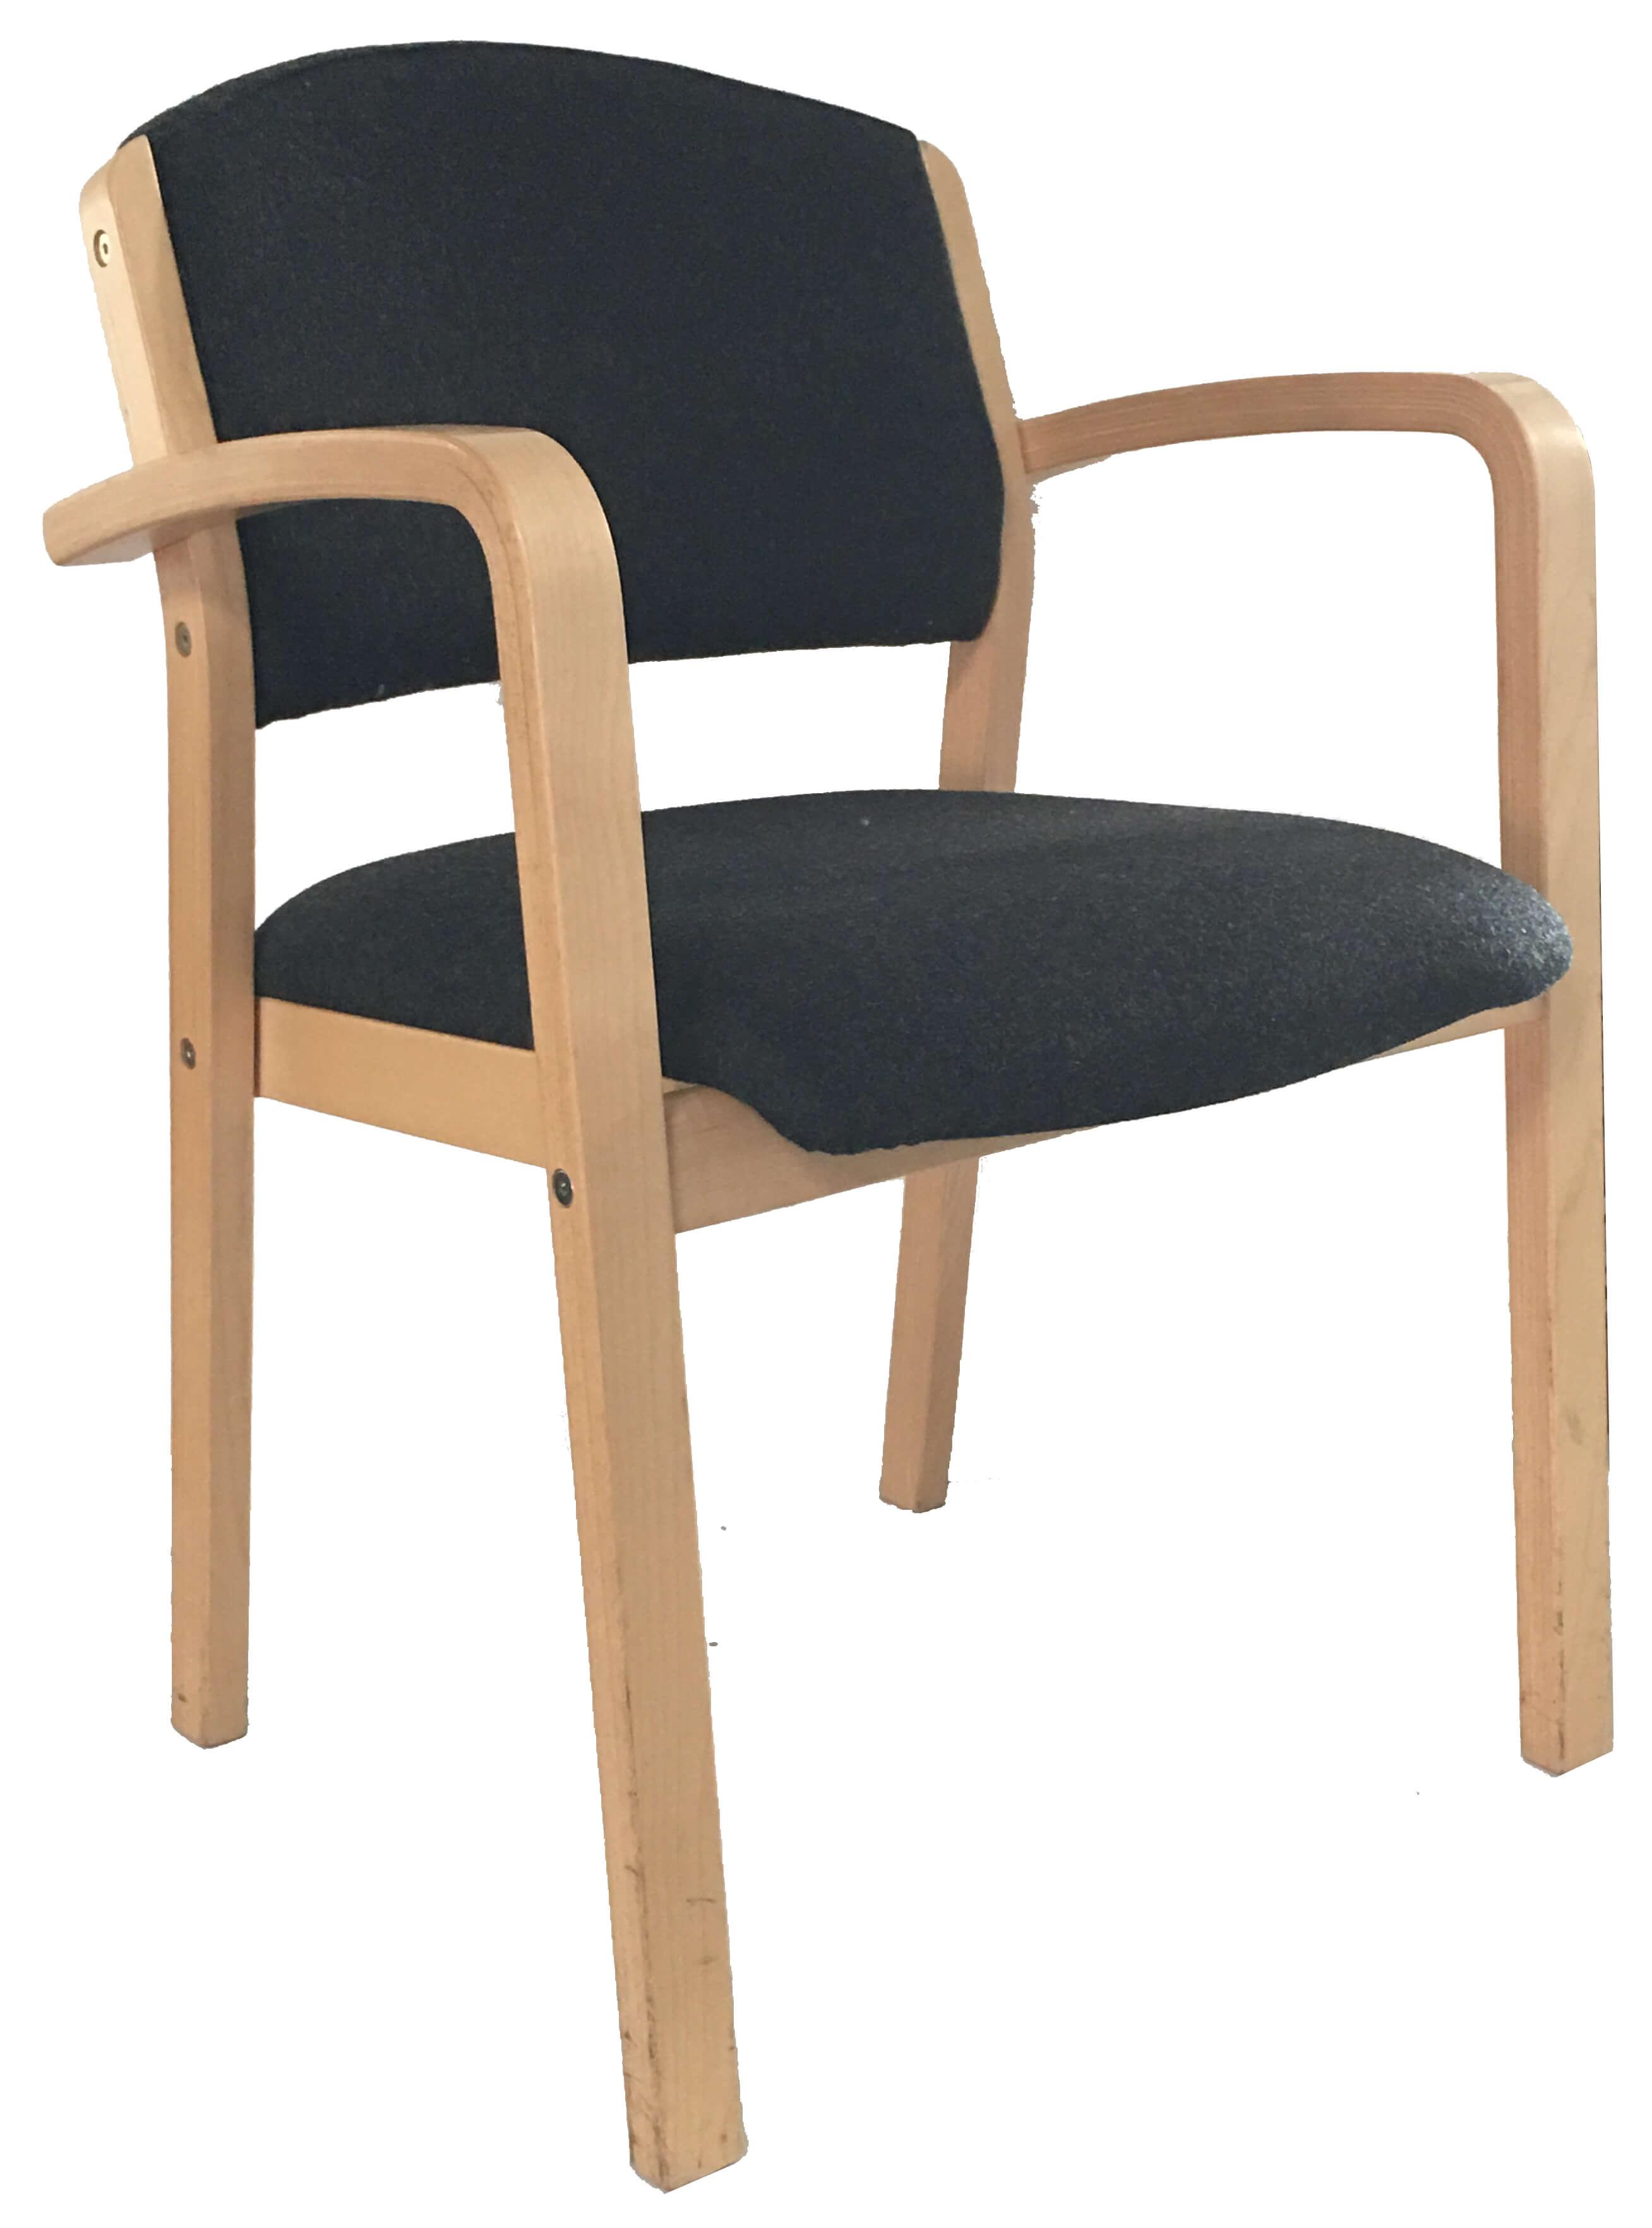 Konferenzstuhl ikea  IKEA Persby Konferenzstuhl Birke in Ullevi dunkelgrau 802.258.02 ...